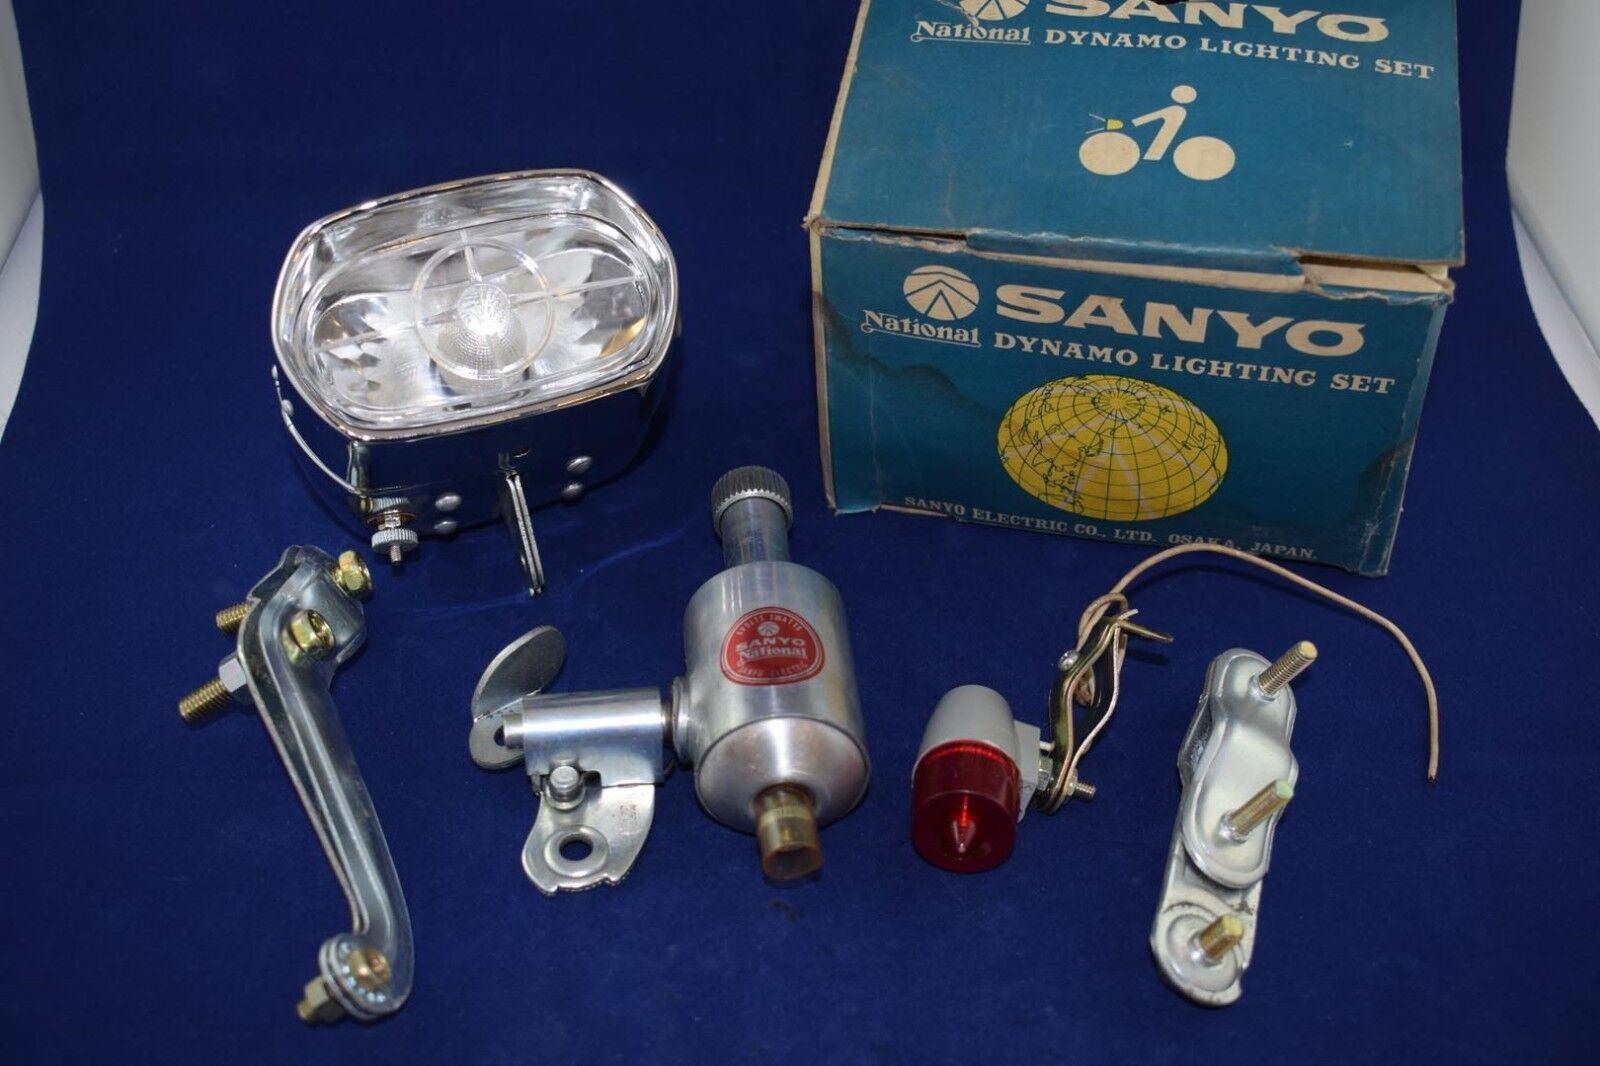 SANYO Dynamo Licht Iighting vooraan achter Retro Vintage fiets gemaakt in JAPAN NOS